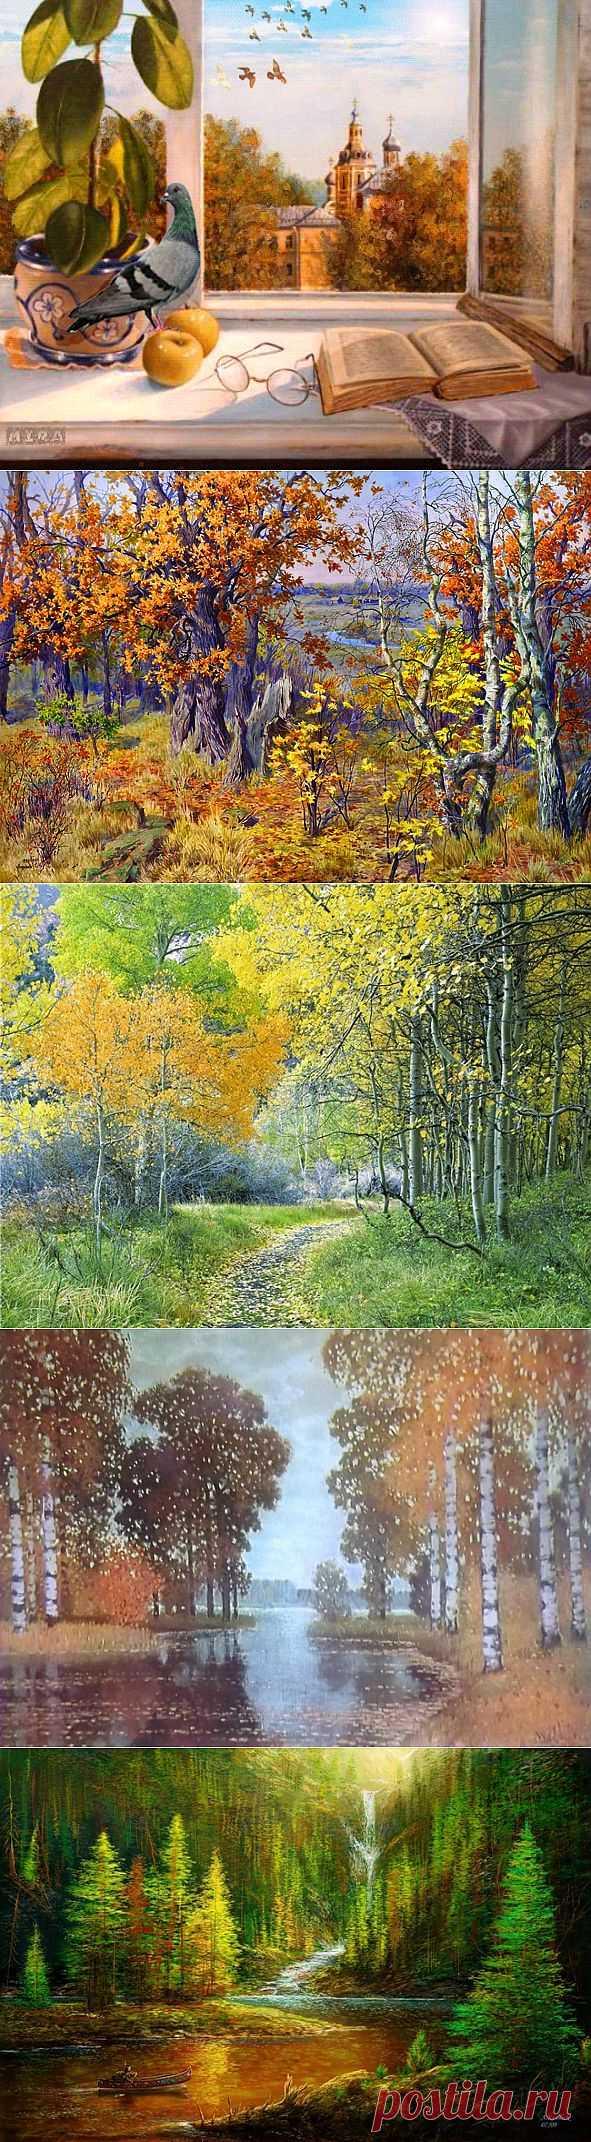 Осень в полотнах разных художников!.